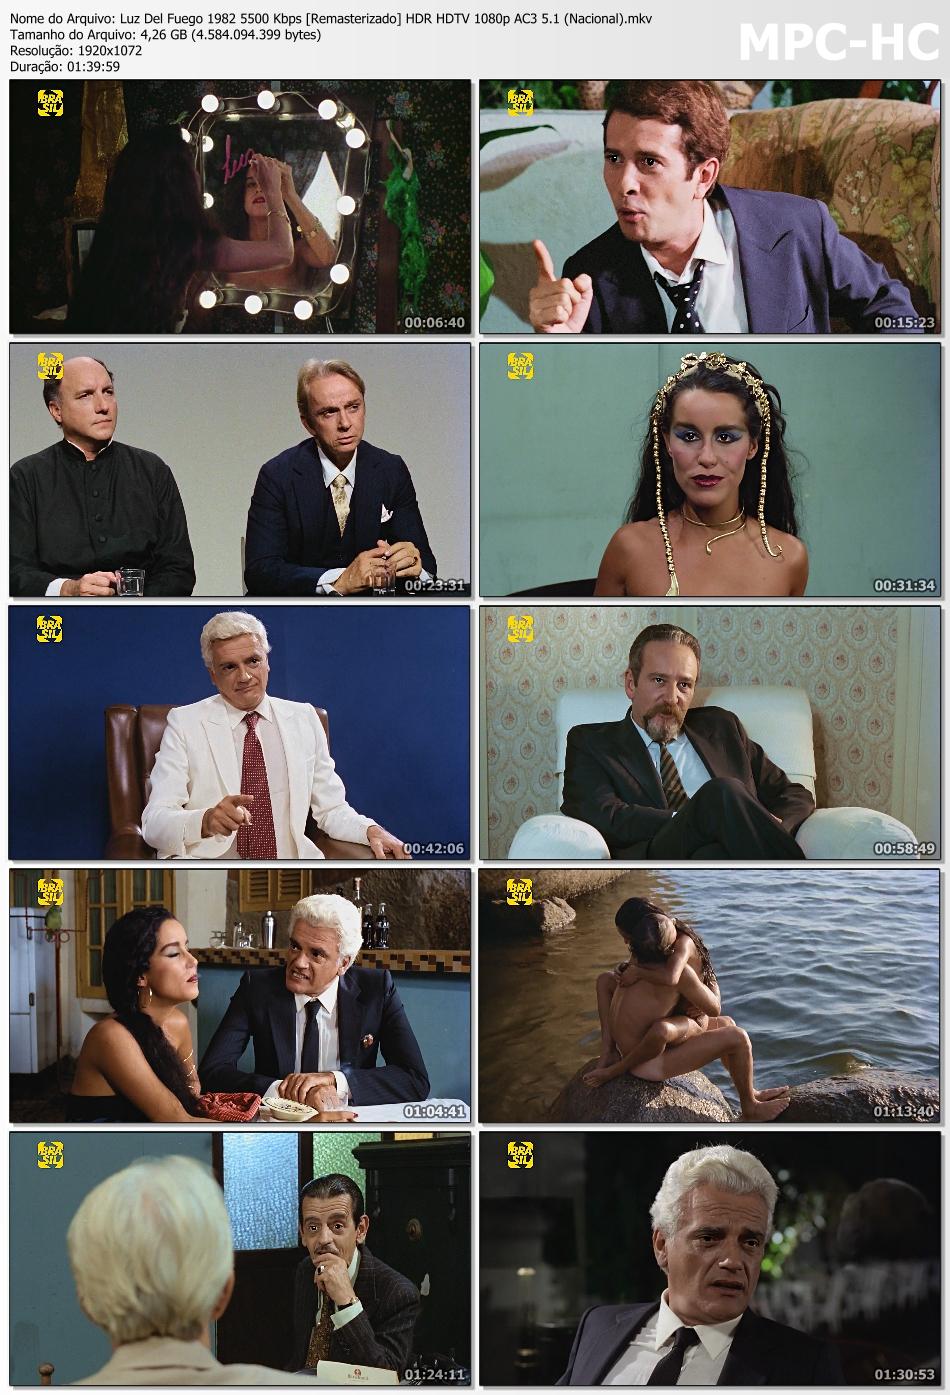 LUZ DEL FUEGO (HDTV/NACIONAL/1080P) - 1982 LDF%2B1982%2B00